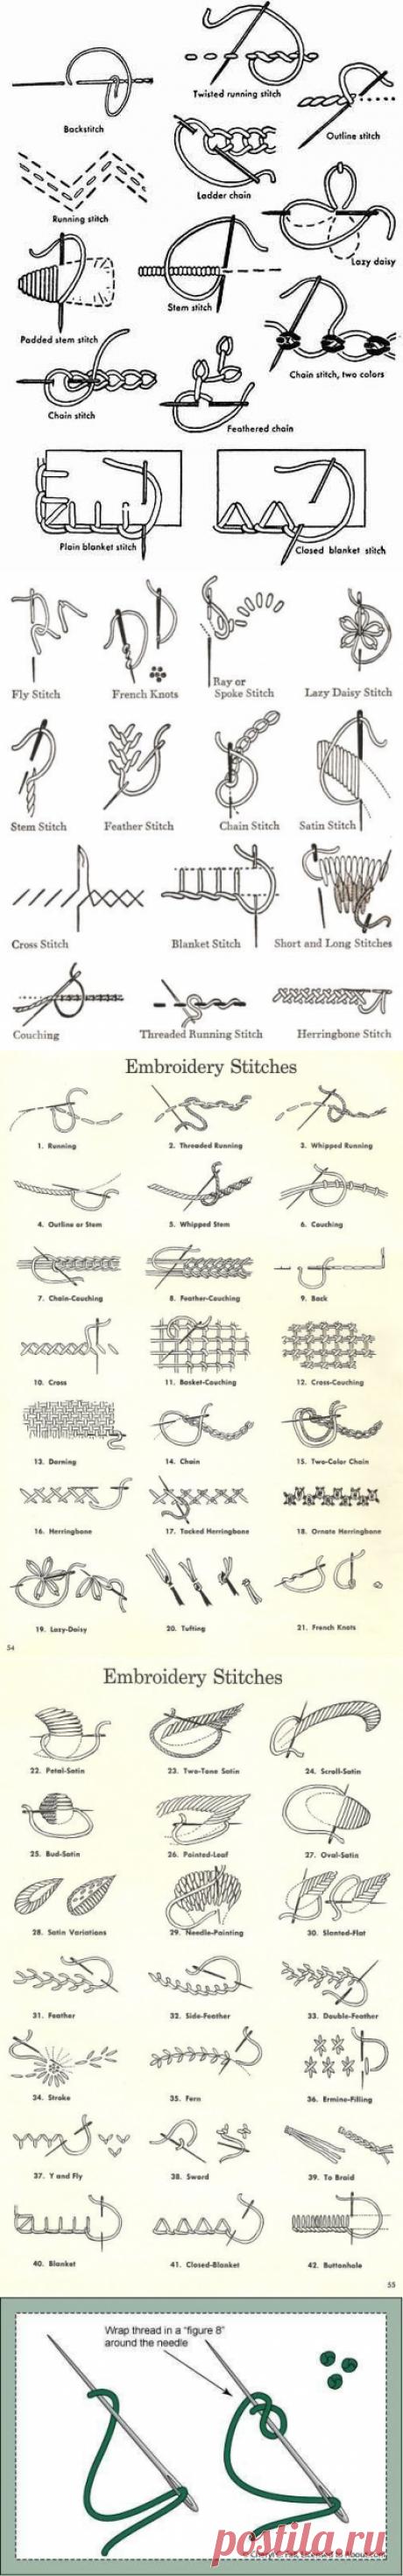 Учимся вышивать. Виды швов